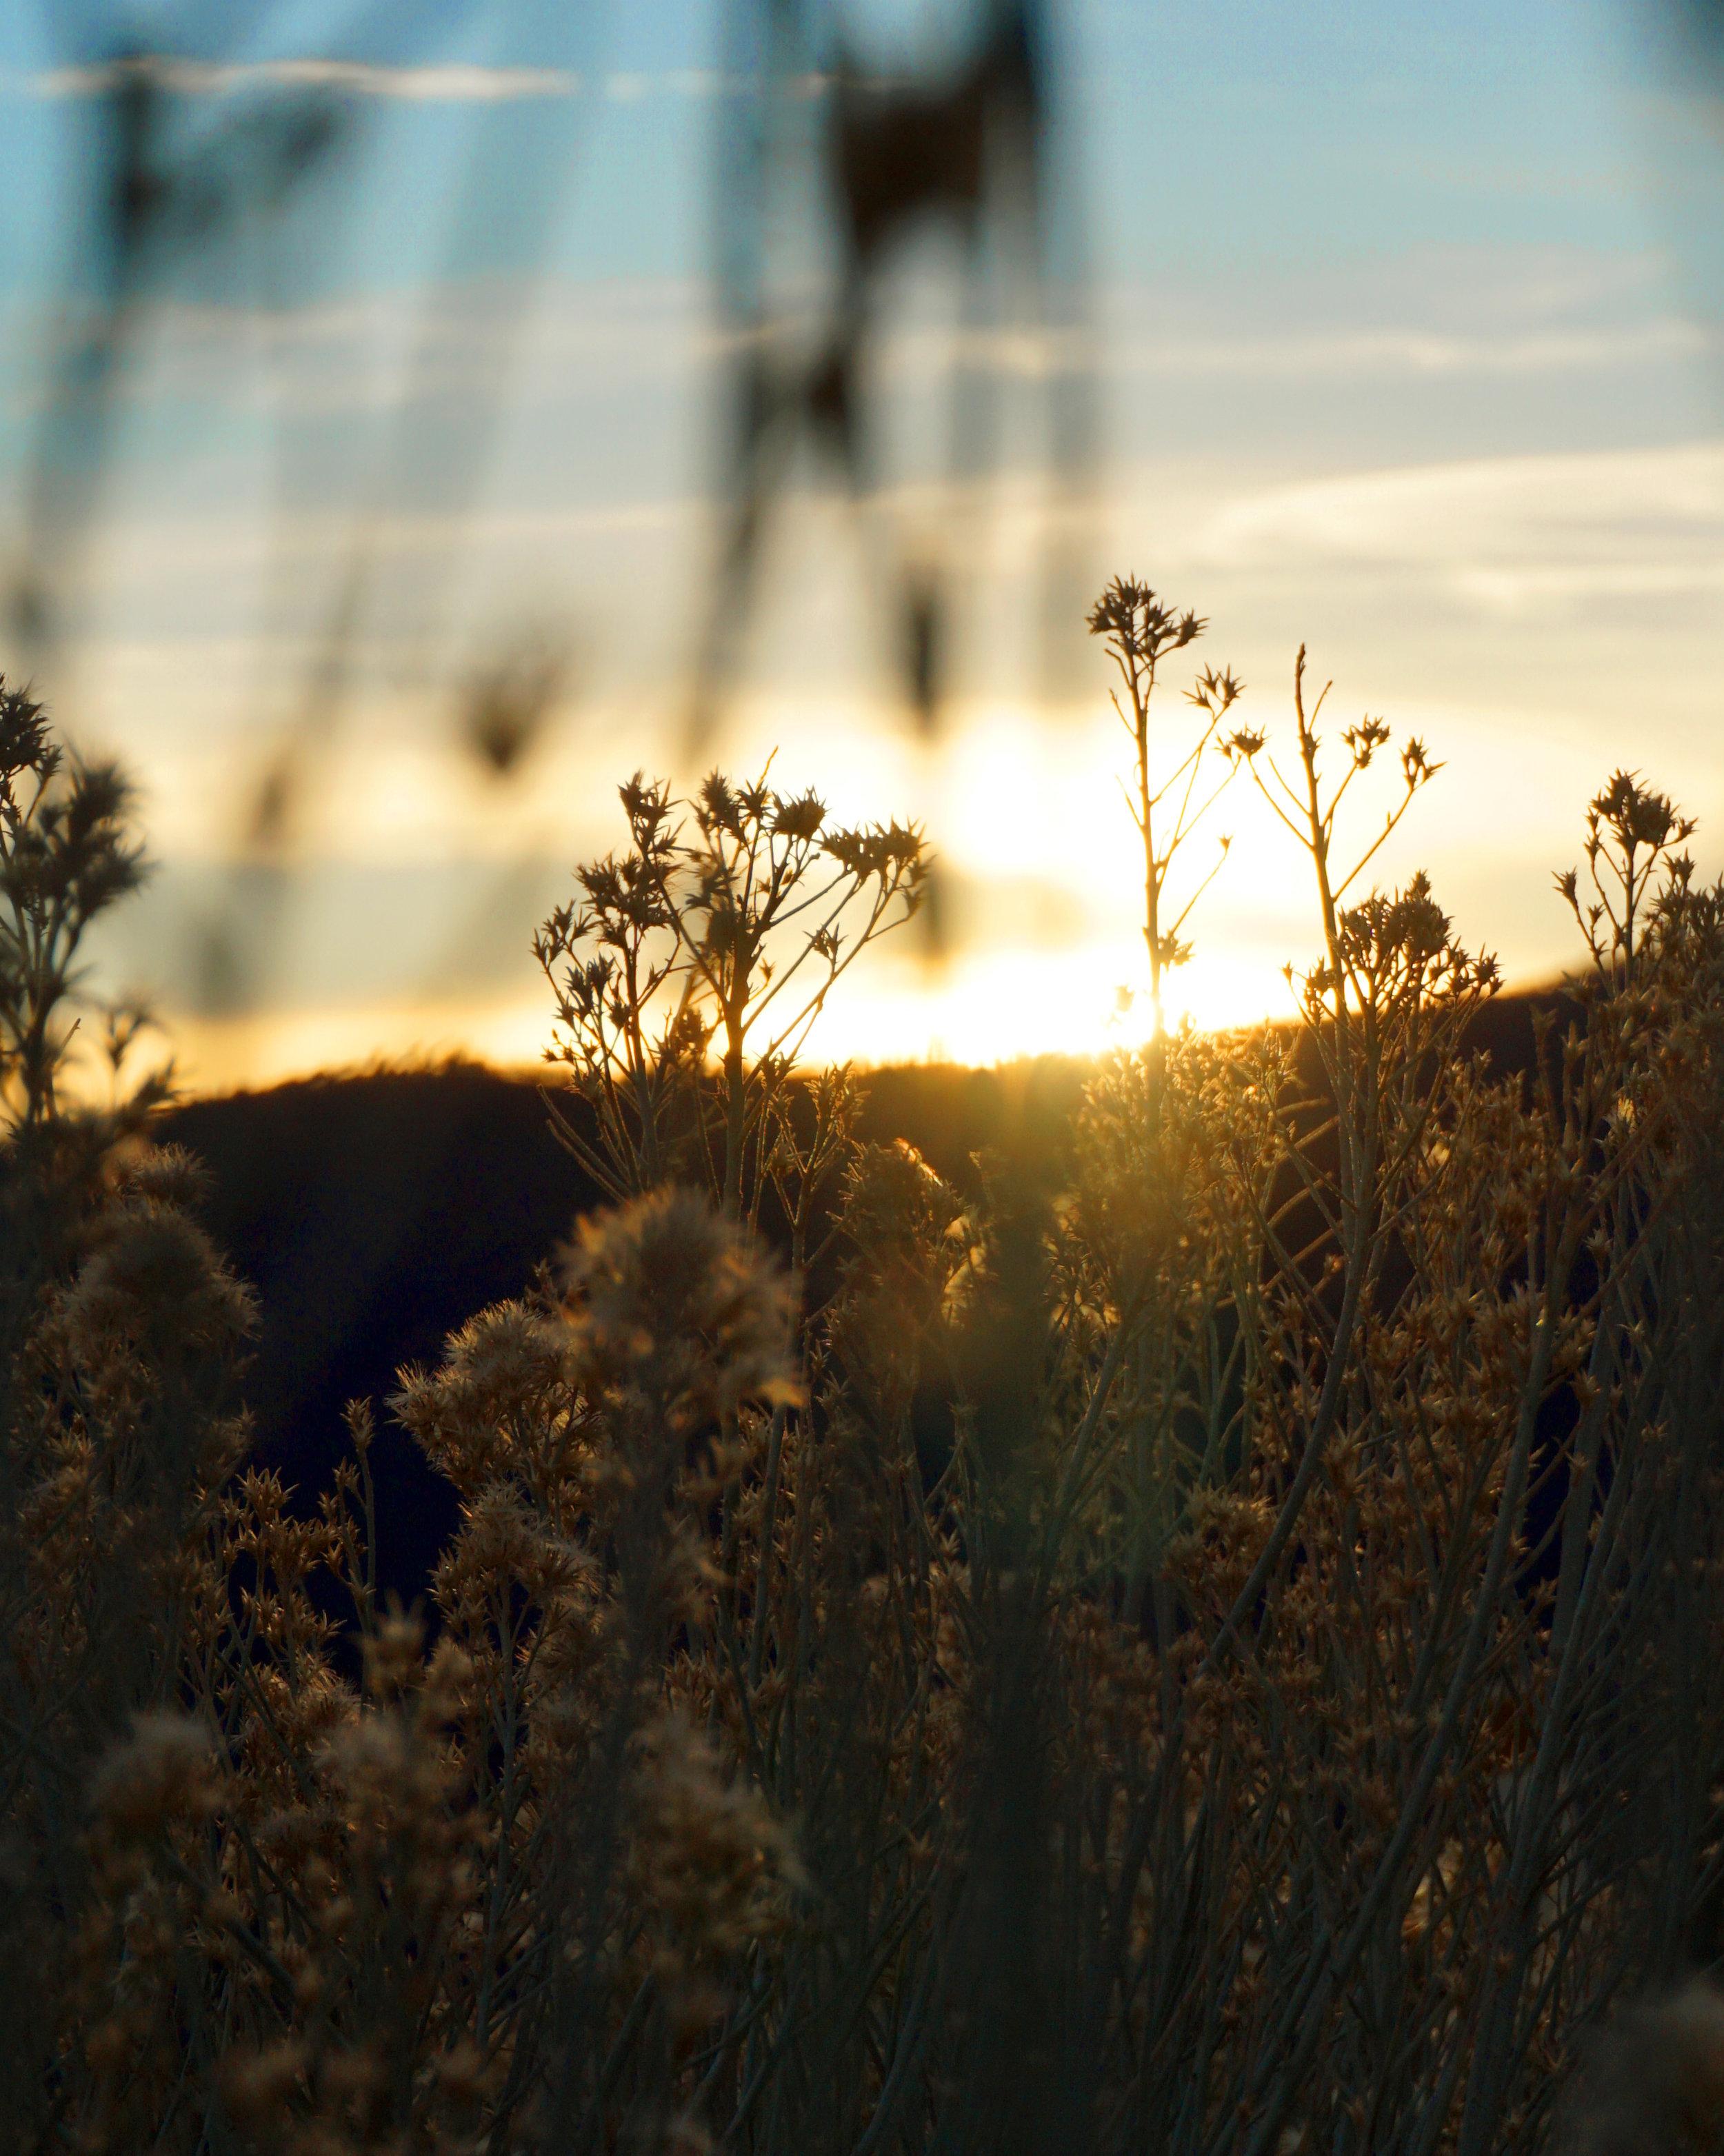 sun n branches.jpg